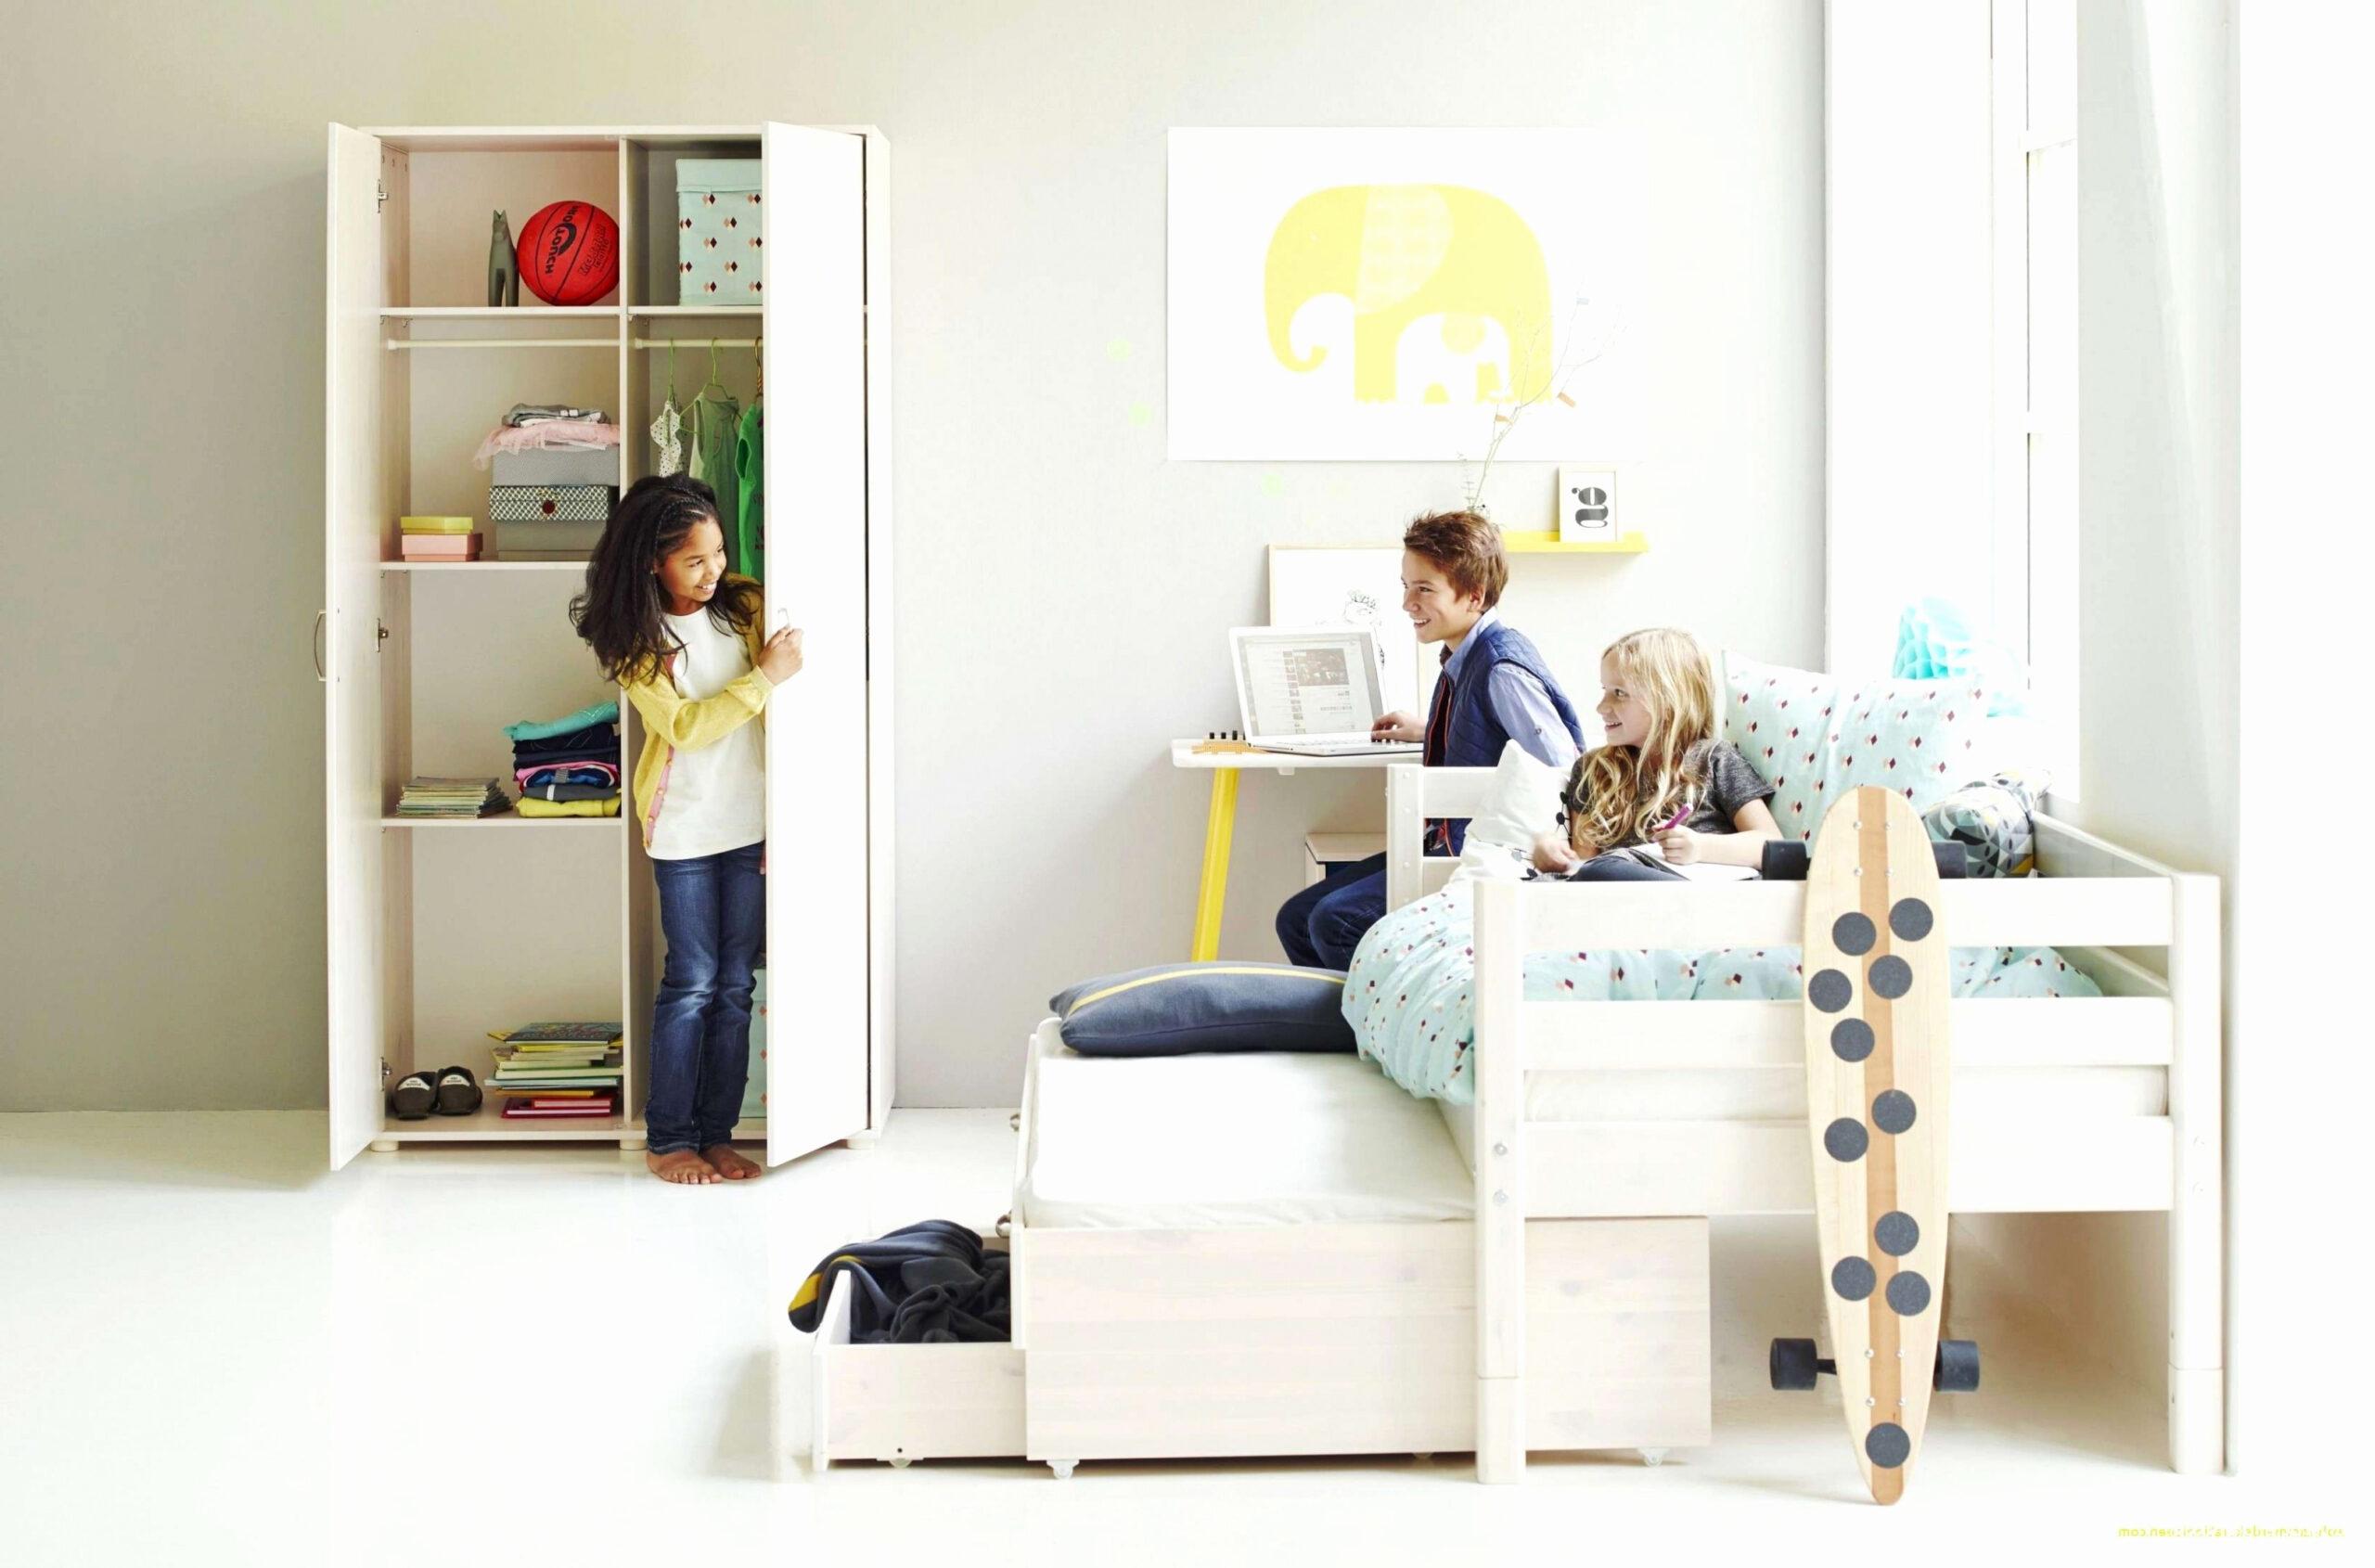 Full Size of Kinderzimmer Komplett Gunstig Rückwand Küche Glas Klapptisch Ikea Kosten Outdoor Kaufen Hängeschrank Höhe Hängeschränke Gardinen Für Wasserhahn Wohnzimmer Lidl Küche Aufbauservice